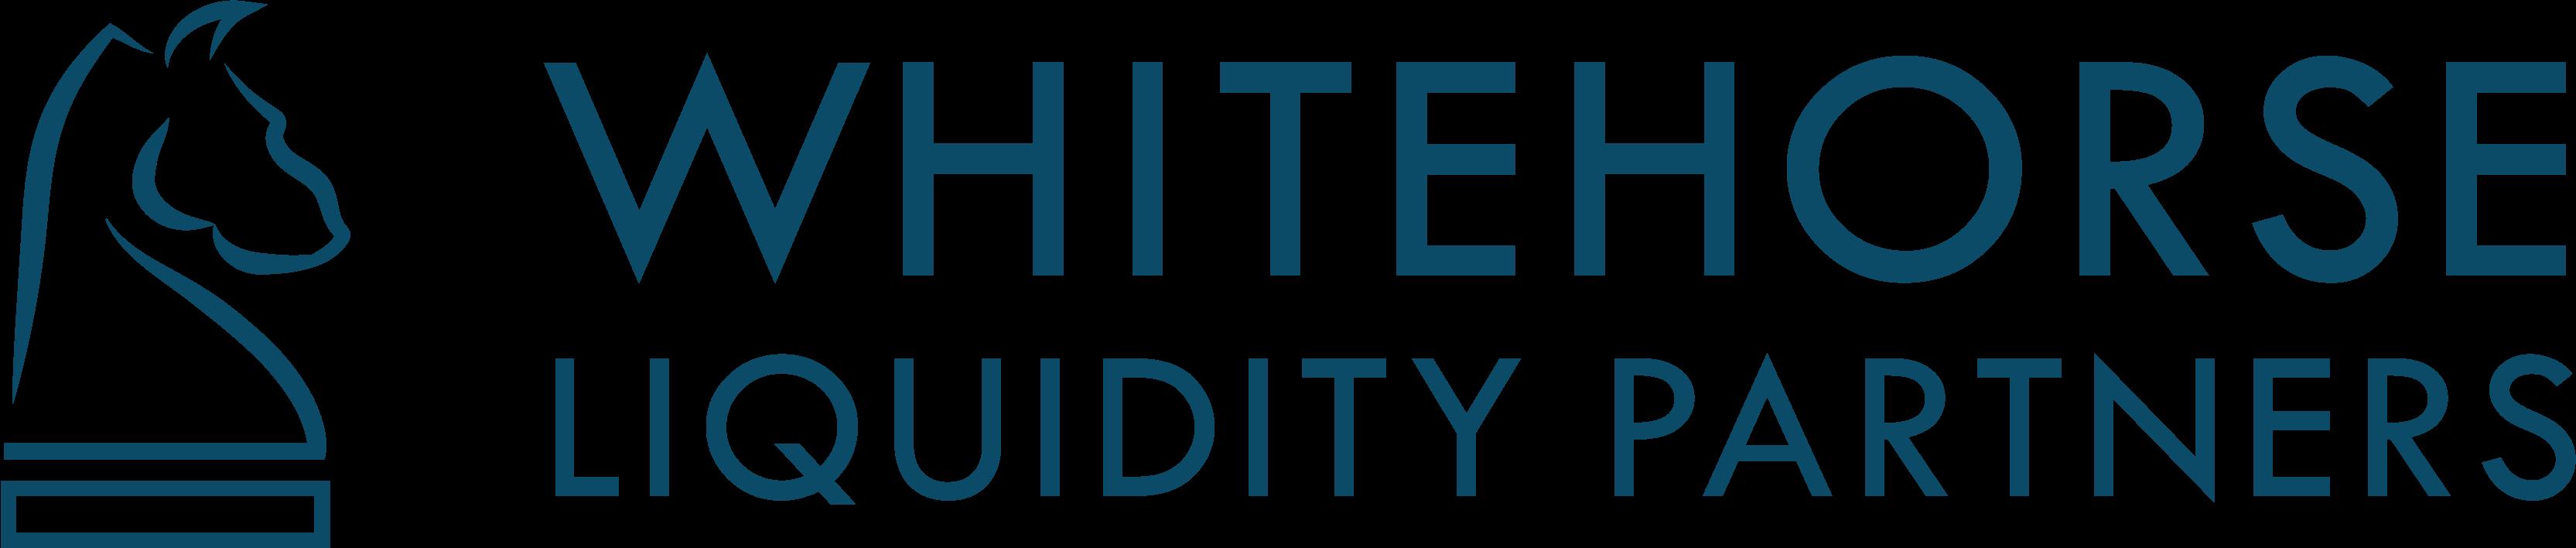 Whitehorse Liquidity Partners logo